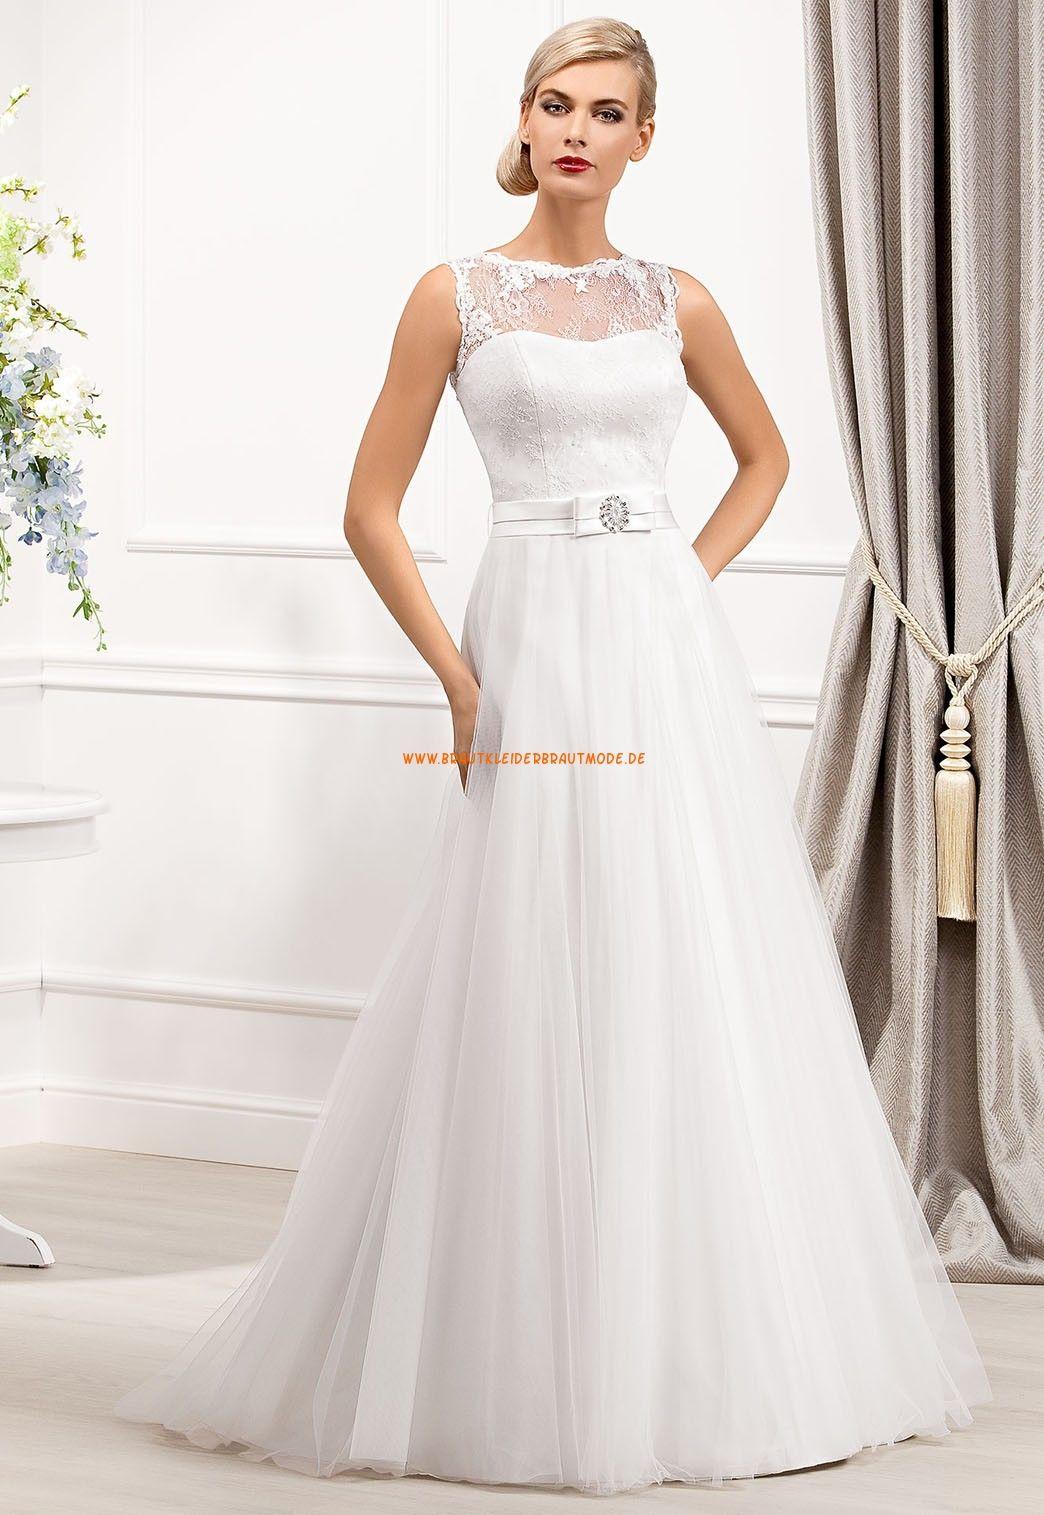 Hochzeitskleider shop berlin